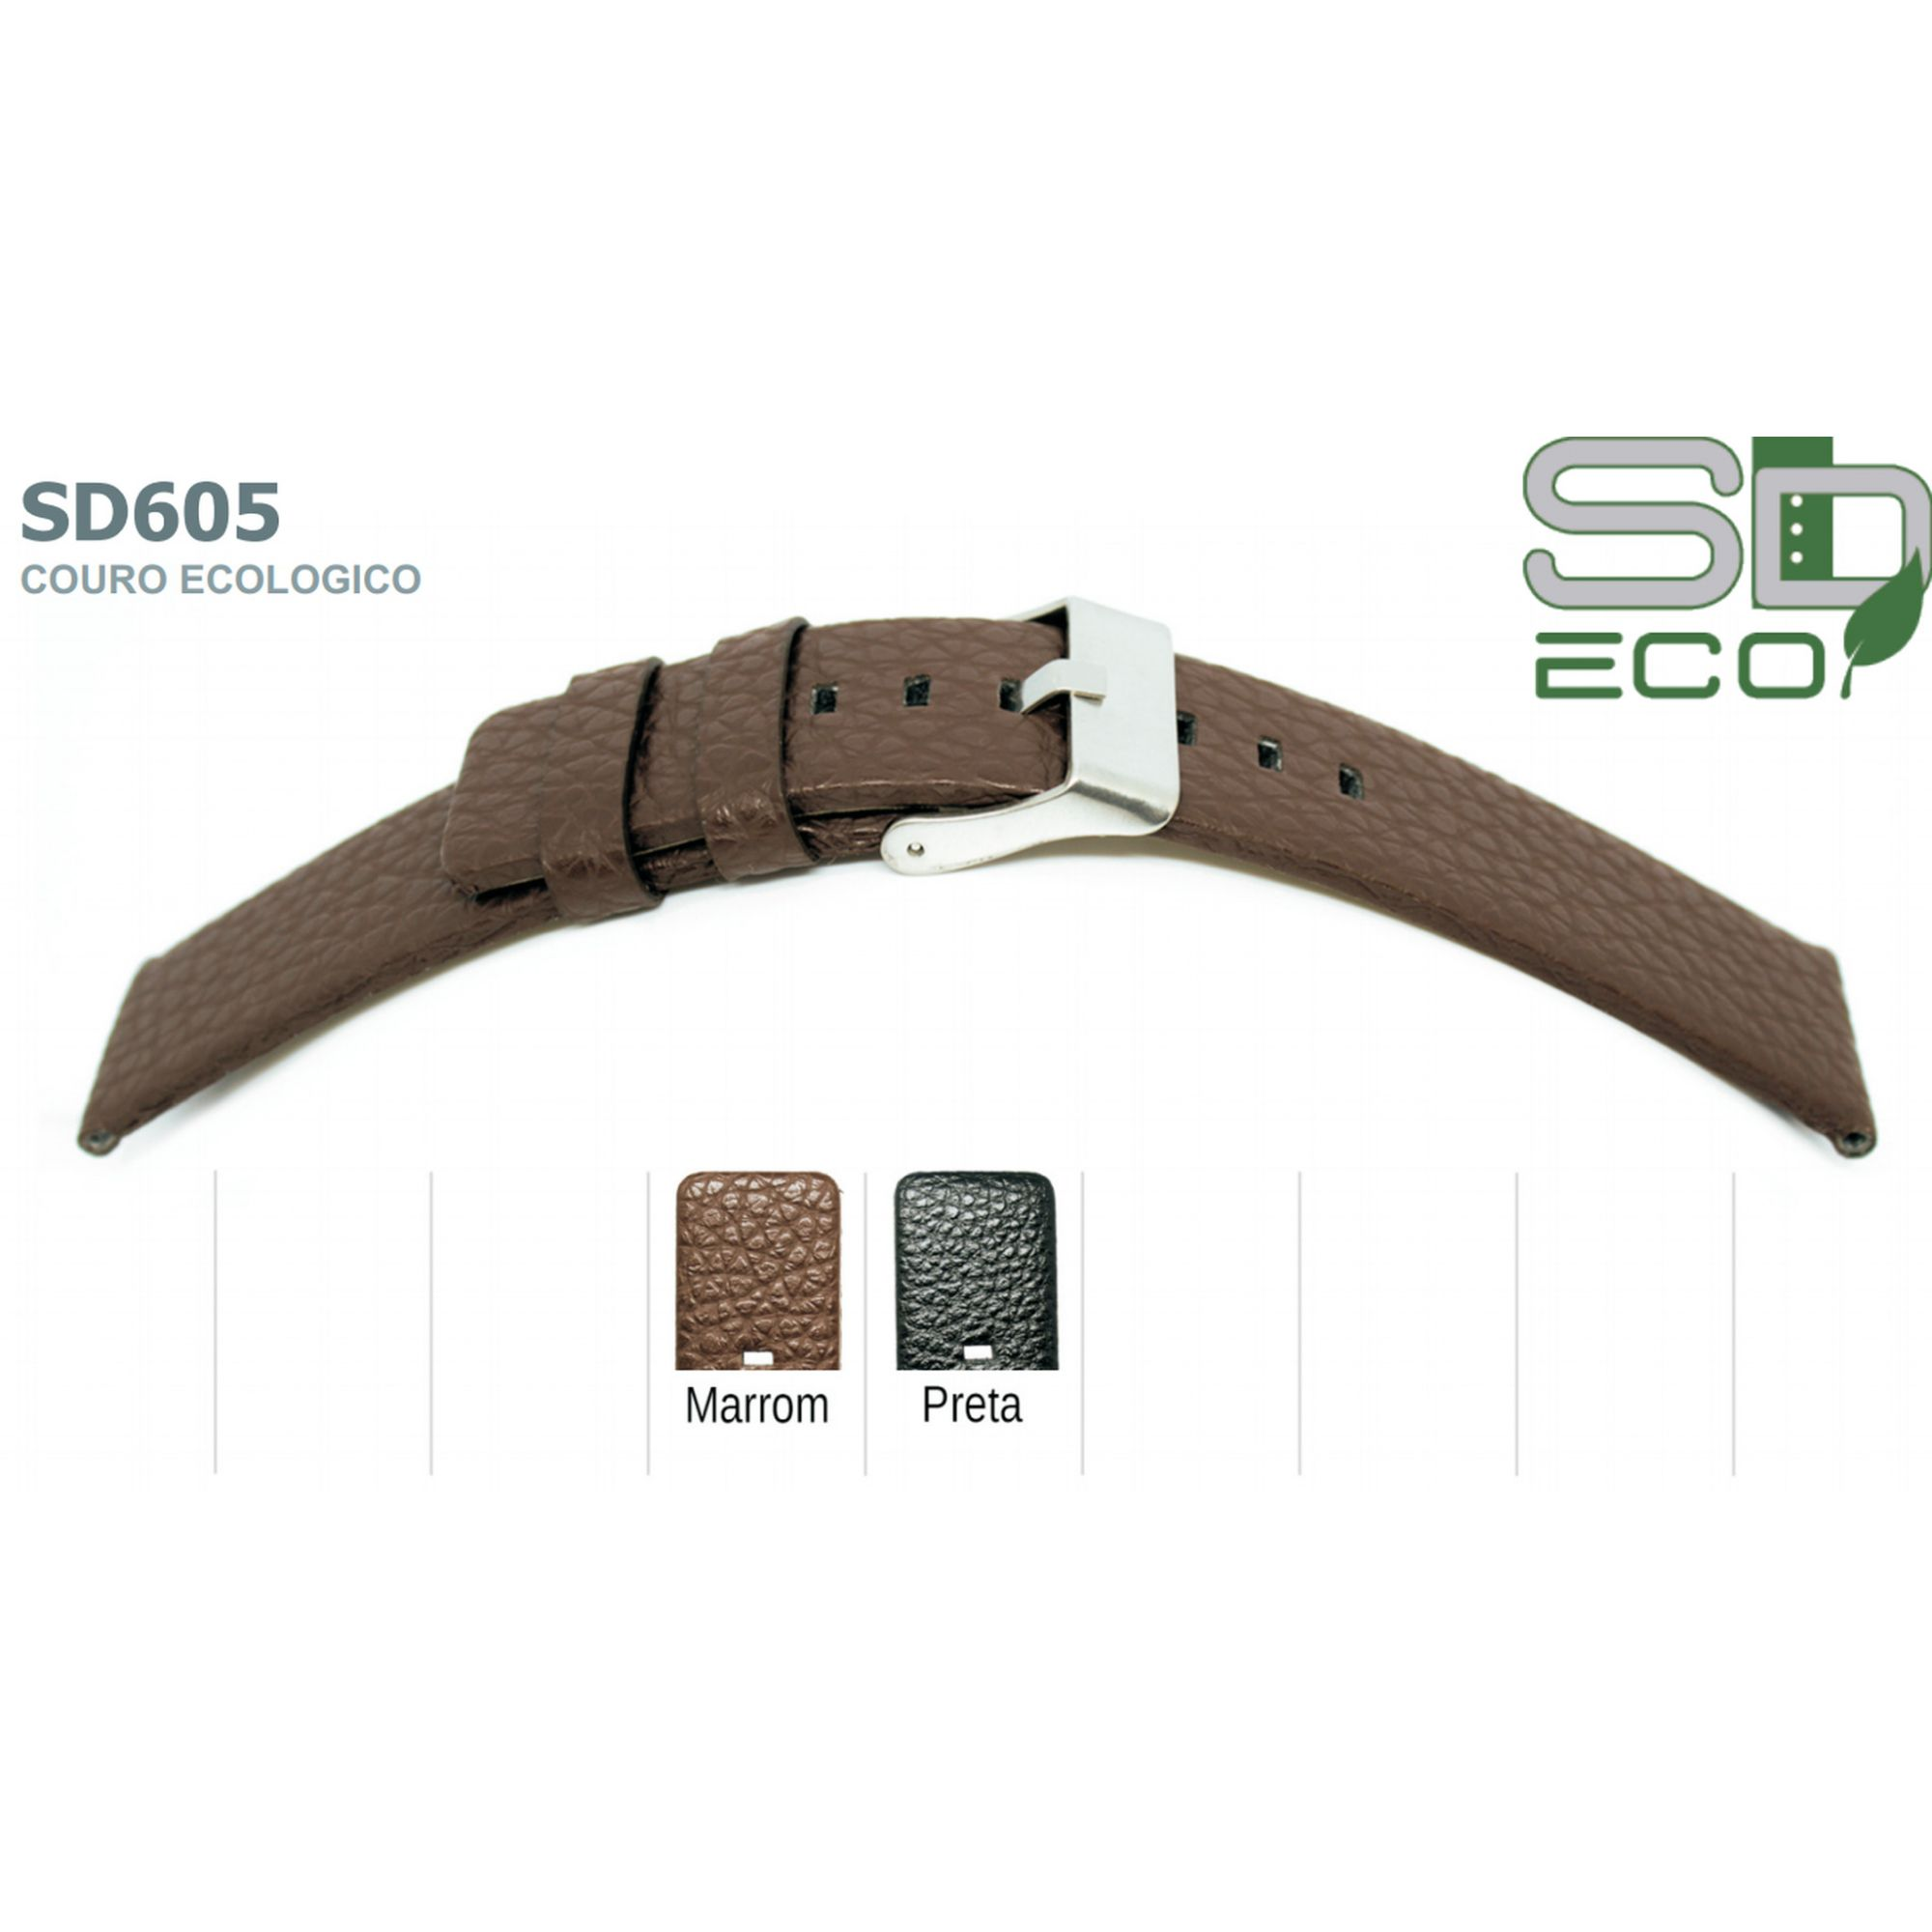 Pulseira de Couro Ecológico SDeco 605